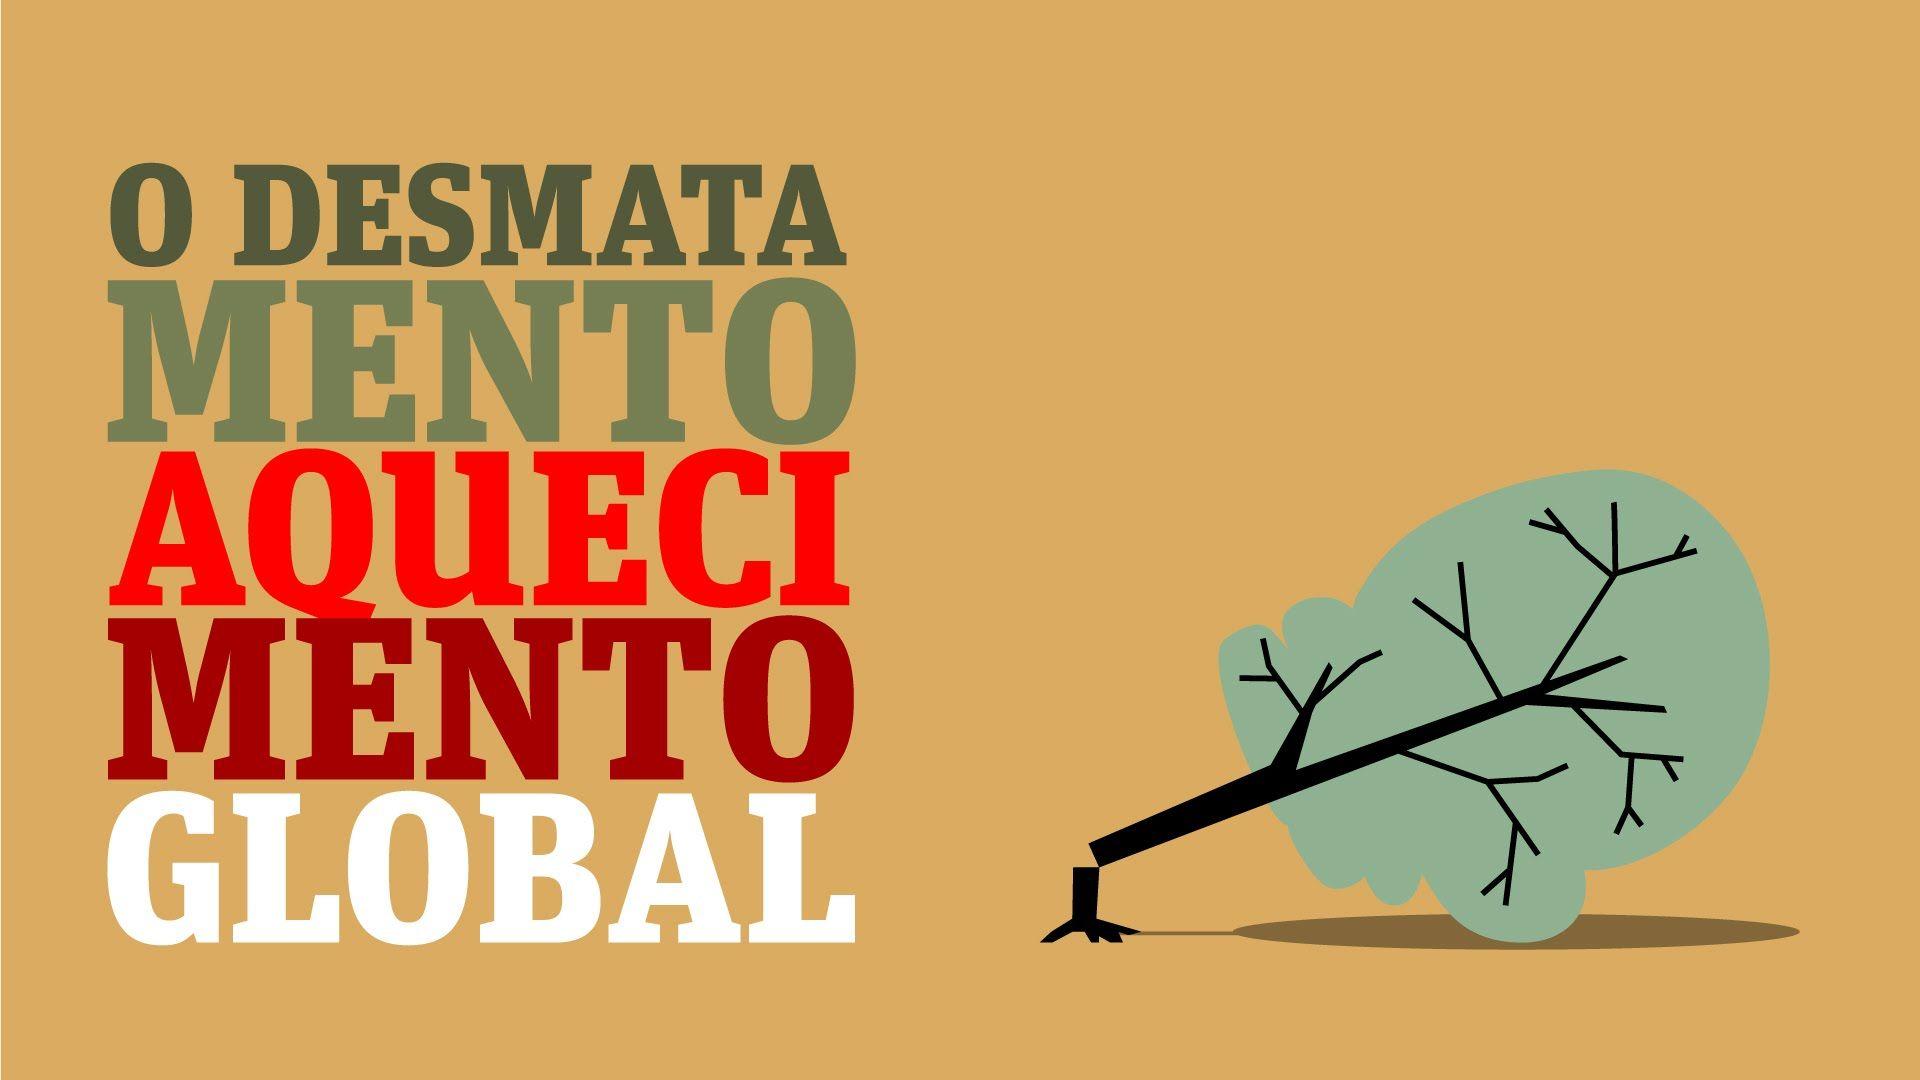 O desmatamento e o aquecimento global